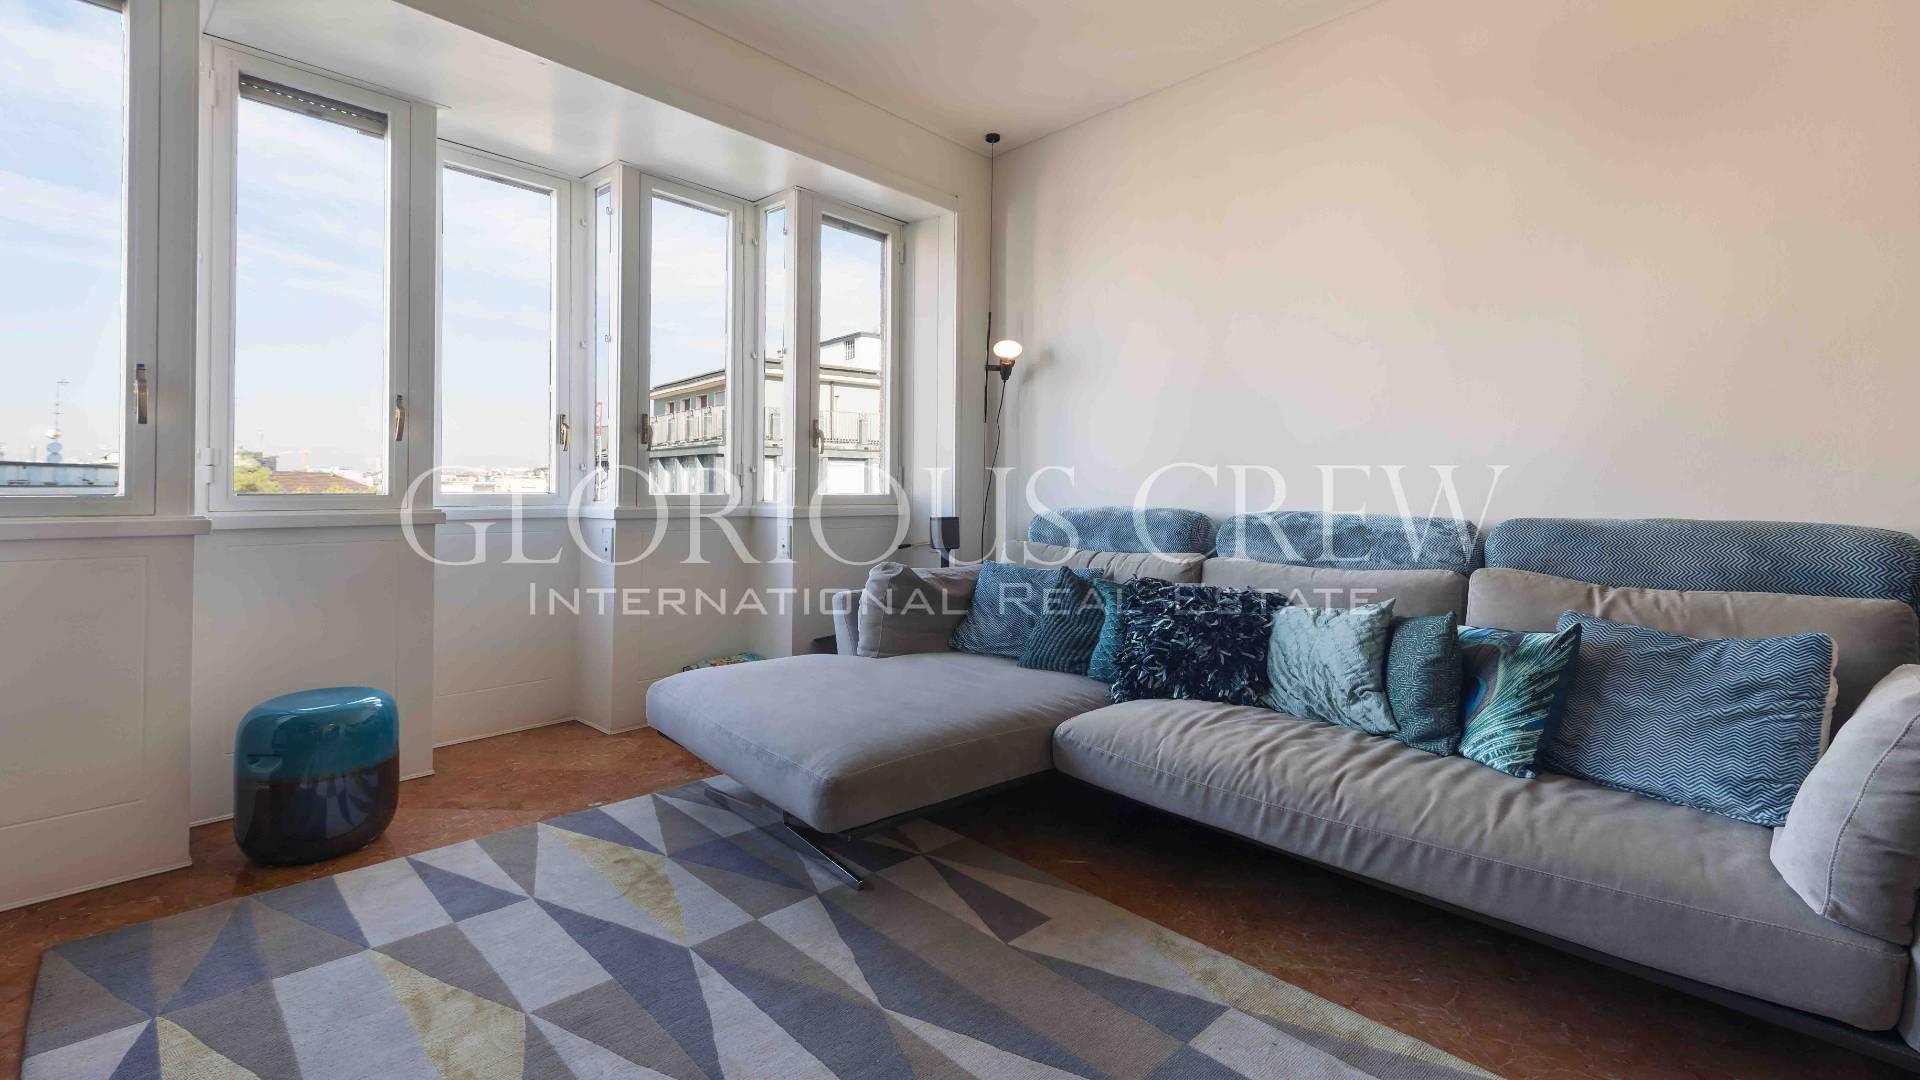 Appartamento in Affitto a Milano 01 Centro storico (Cerchia dei Navigli): 2 locali, 56 mq